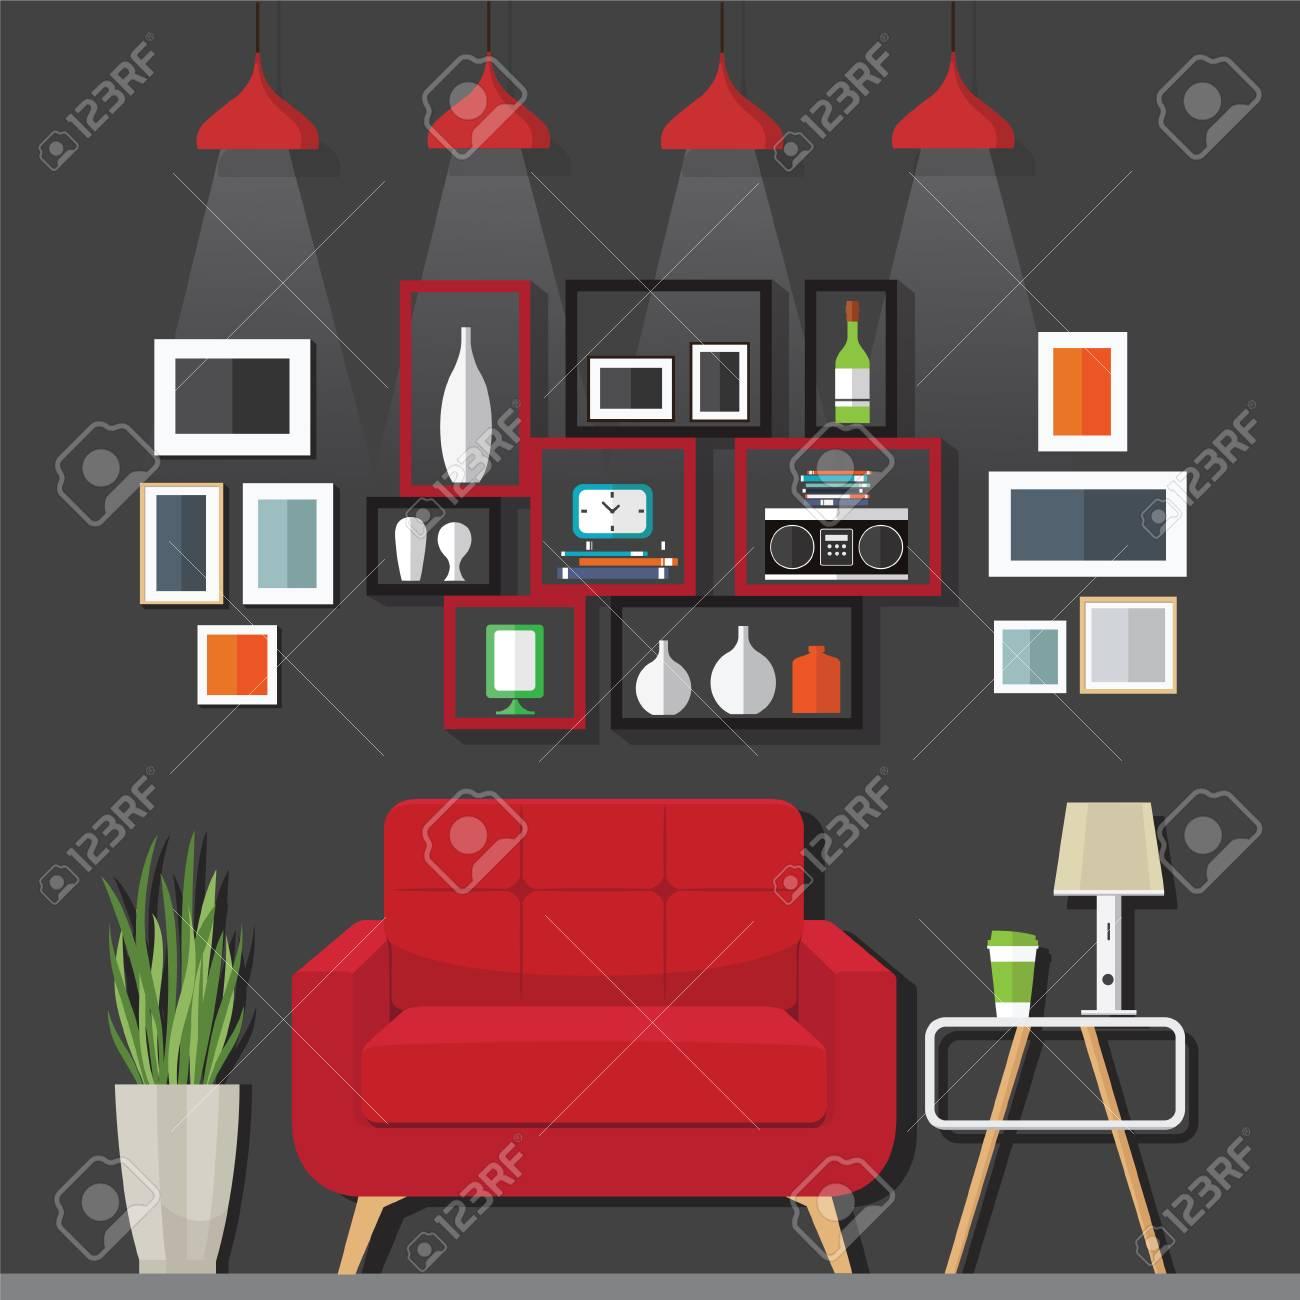 Innen Wohnzimmer Mit Sofa, Uhr, Regal Mit Bücher Und Eine  Vektor Illustration Wohnung